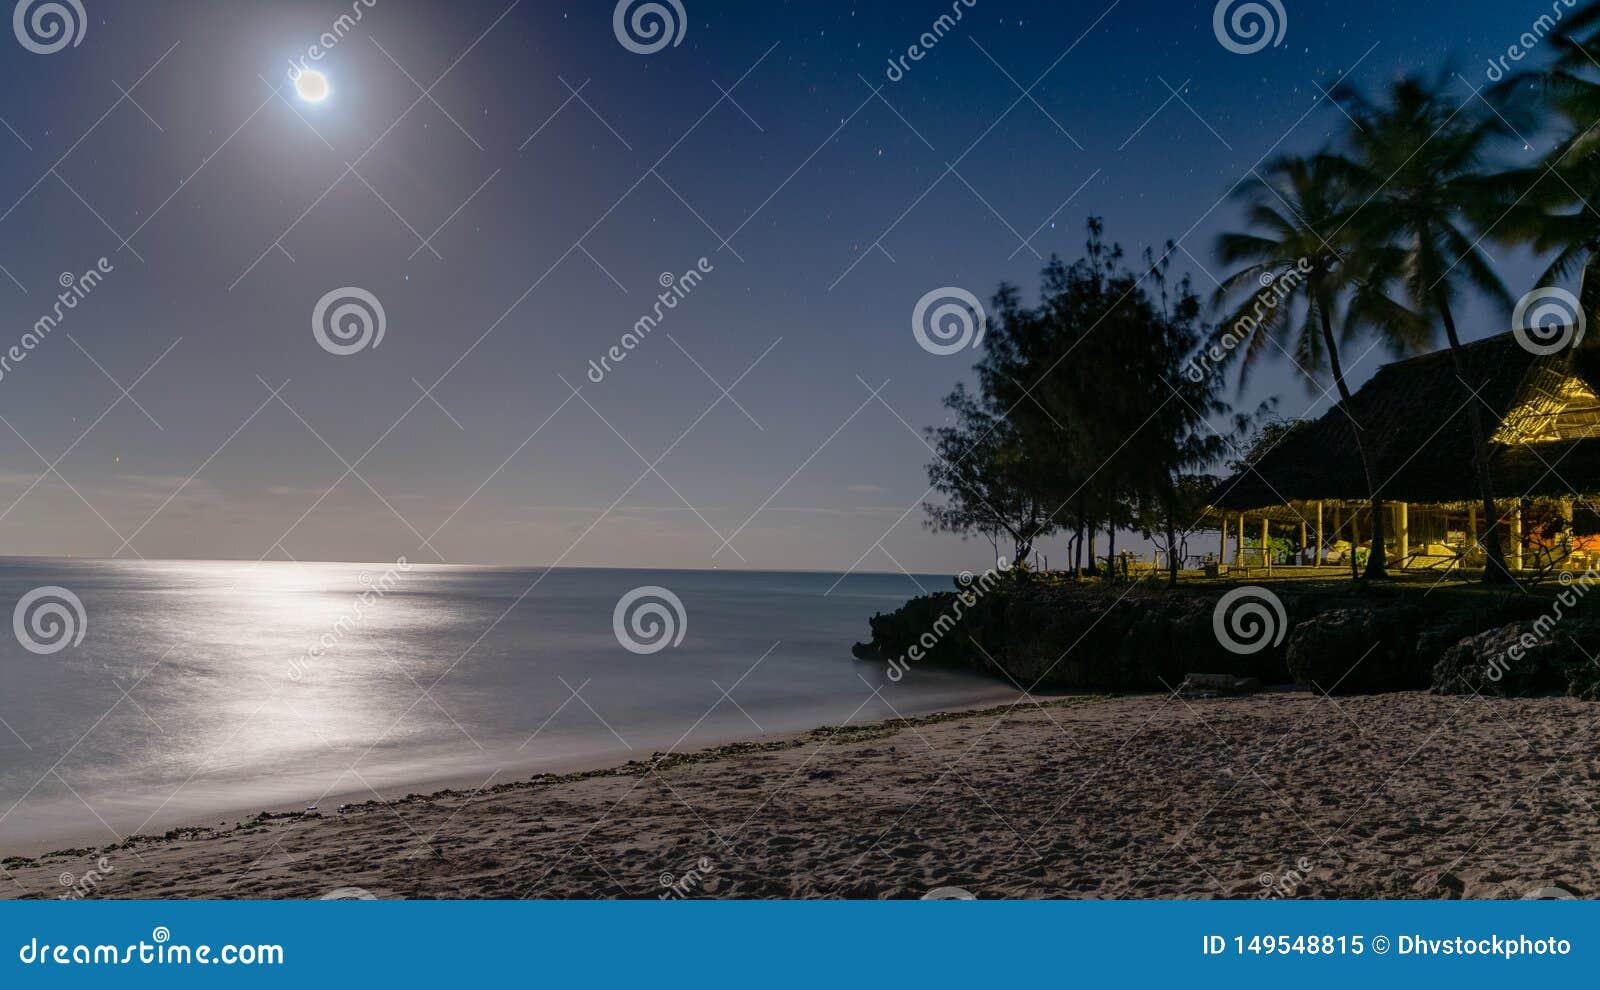 Piękny noc widok raj plaża z srebro łuną odbija daleko woda blask księżyca